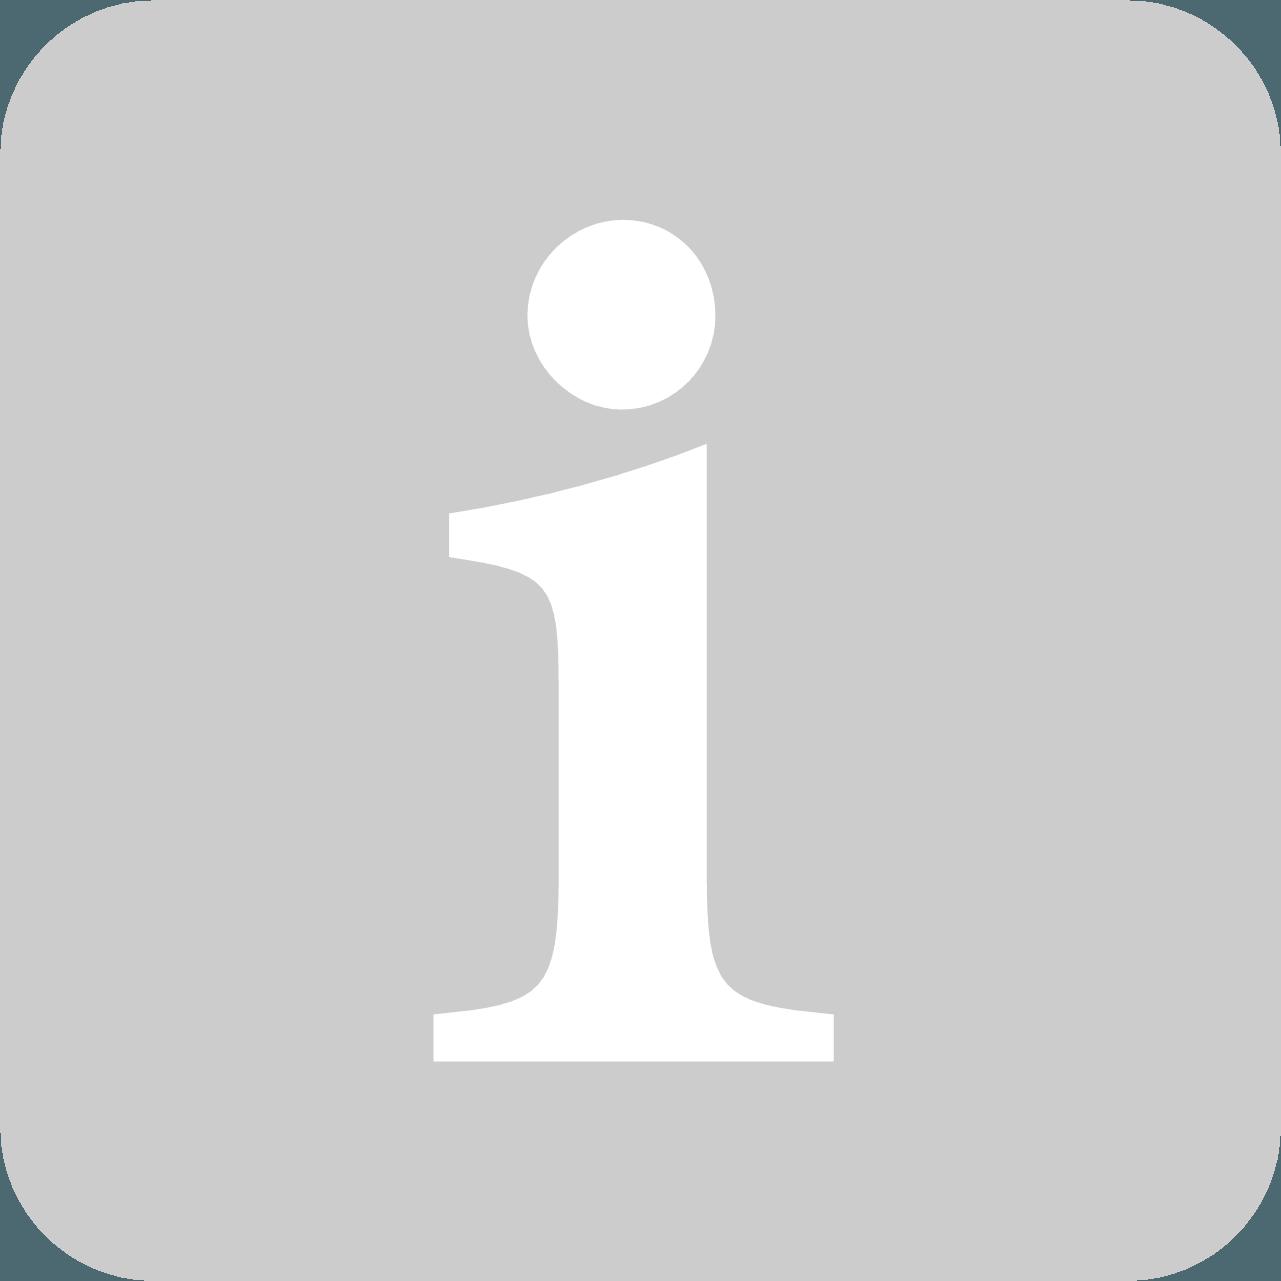 informatie-inactivated-cms